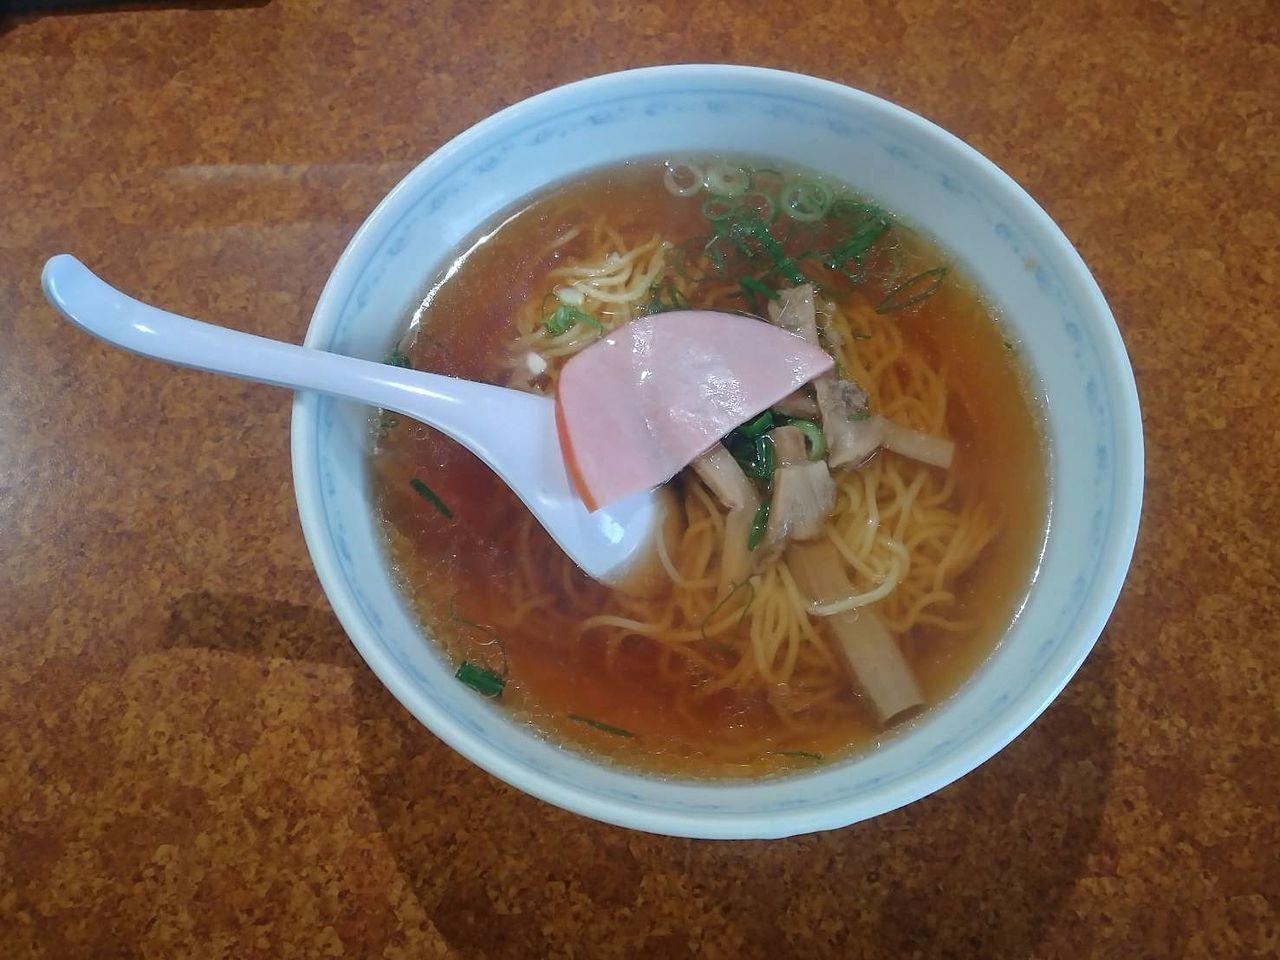 今時ハムを載せる潔さと勇気に脱帽です。スープを飲み干したくなるらーめんです。